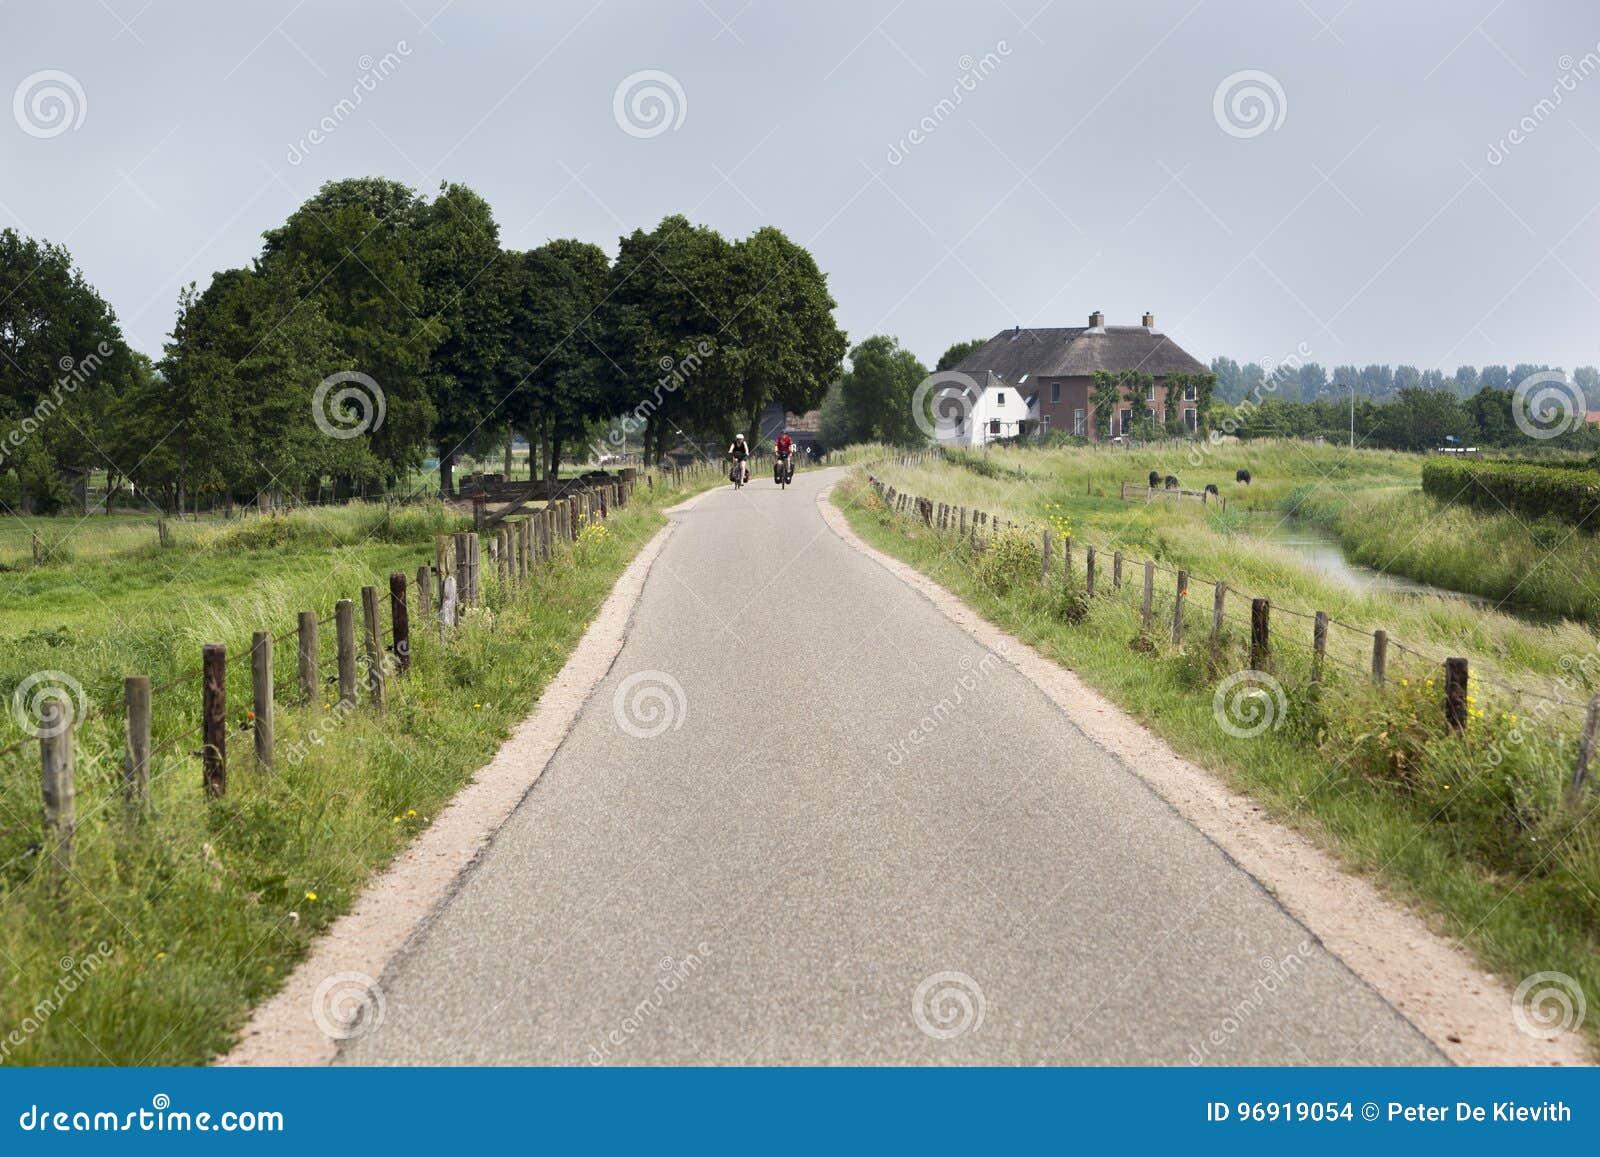 Route de campagne avec des cyclistes dans la distance